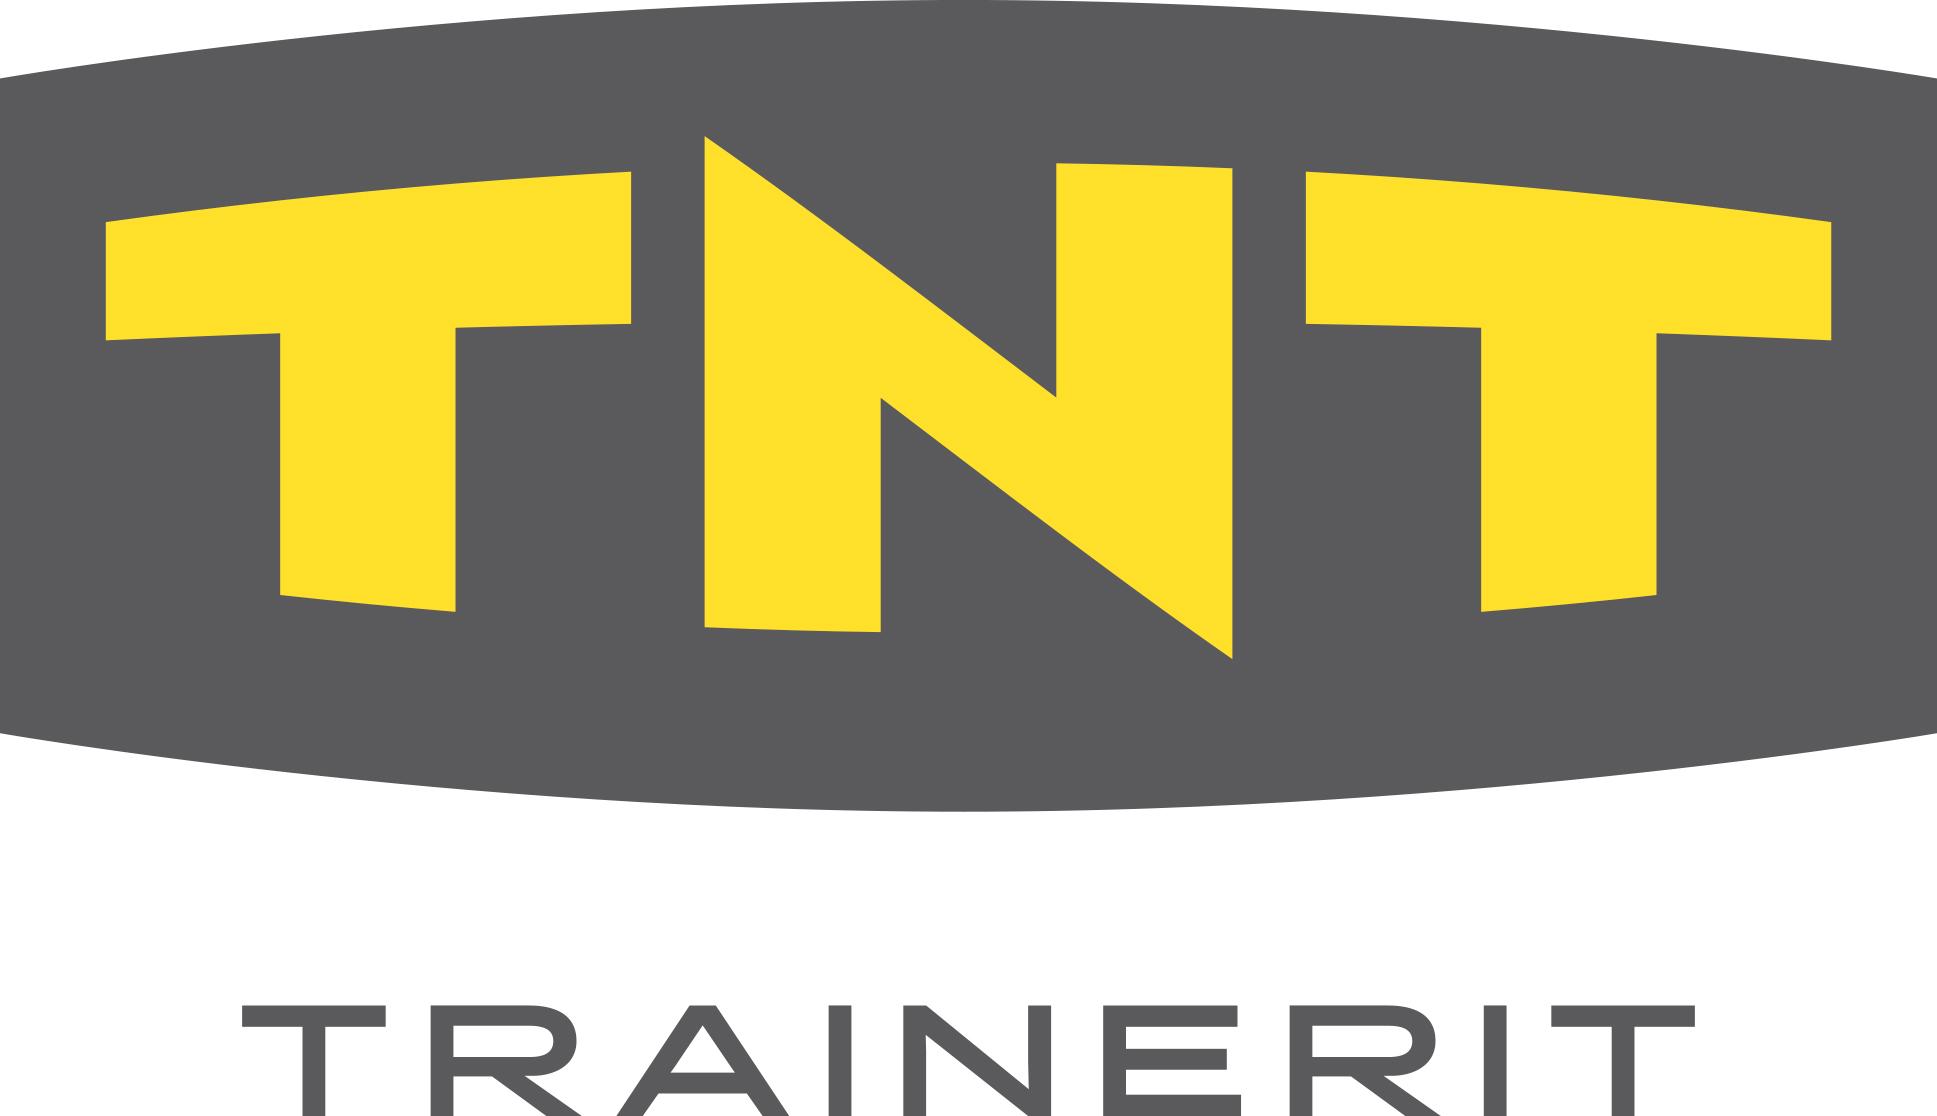 trainerit_logo_keltainen_harmaa_tnt_trainerit